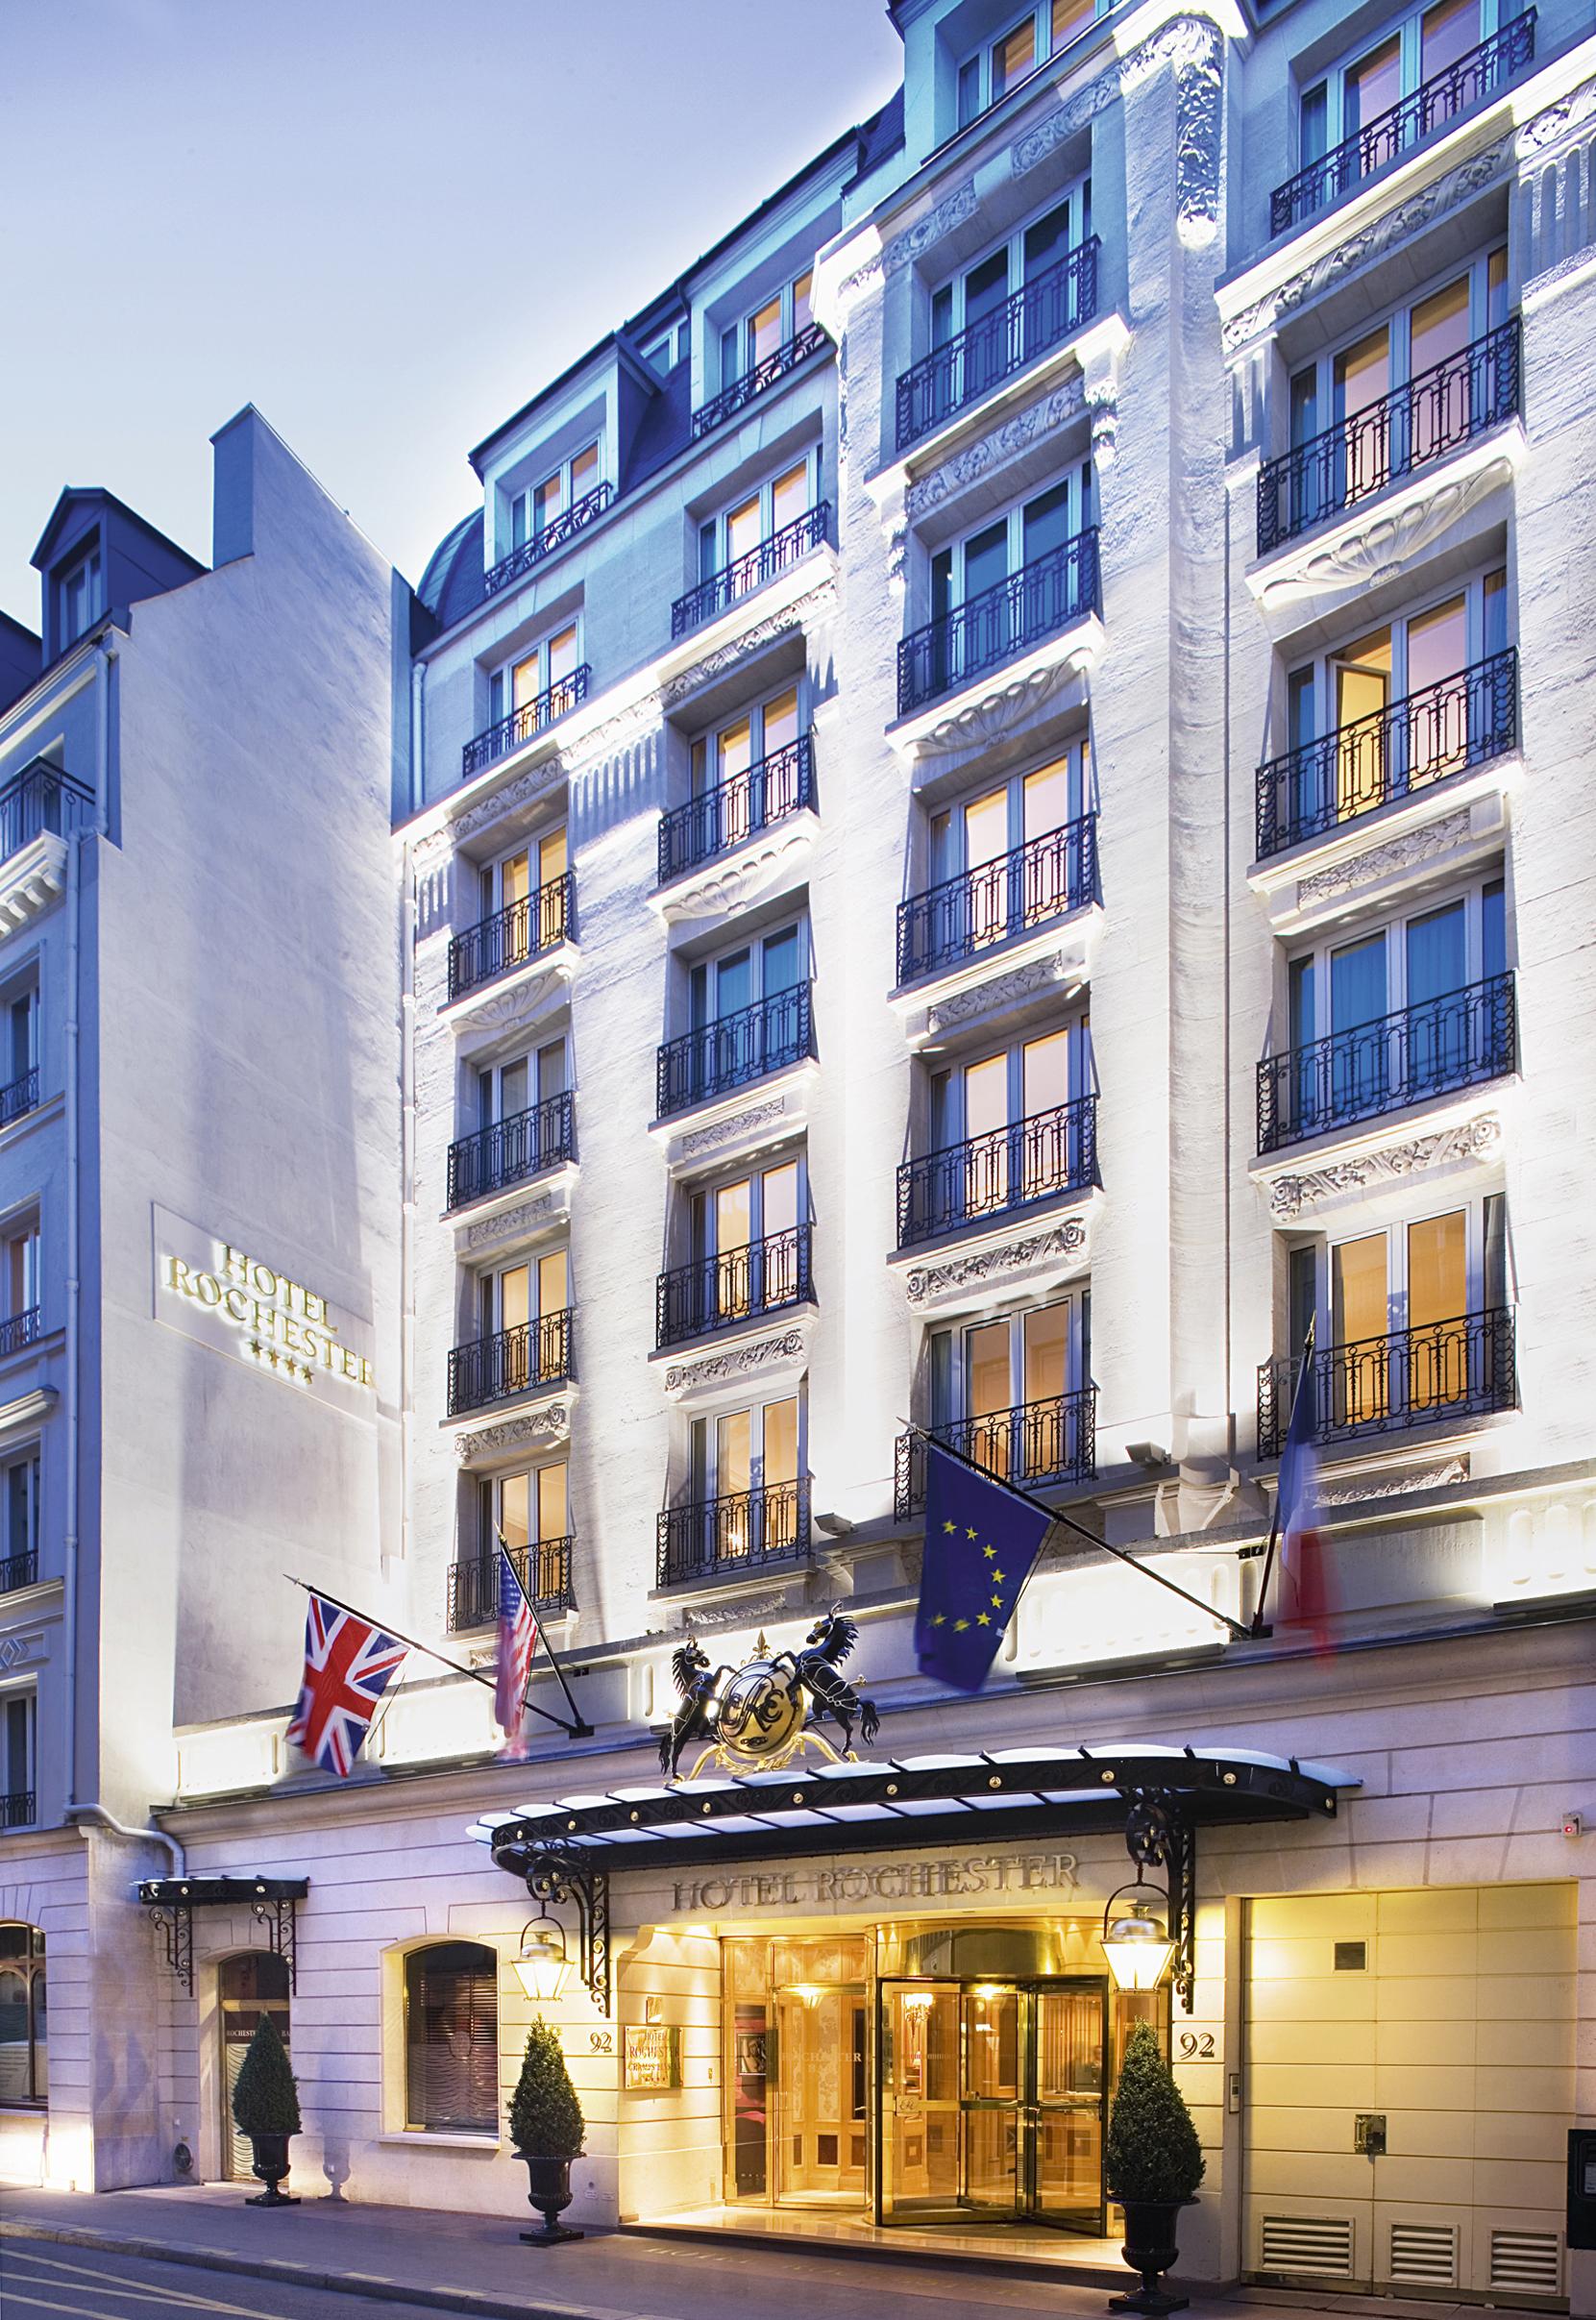 File:Hôtel Rochester Champs-Élysées, Exterior View.jpg